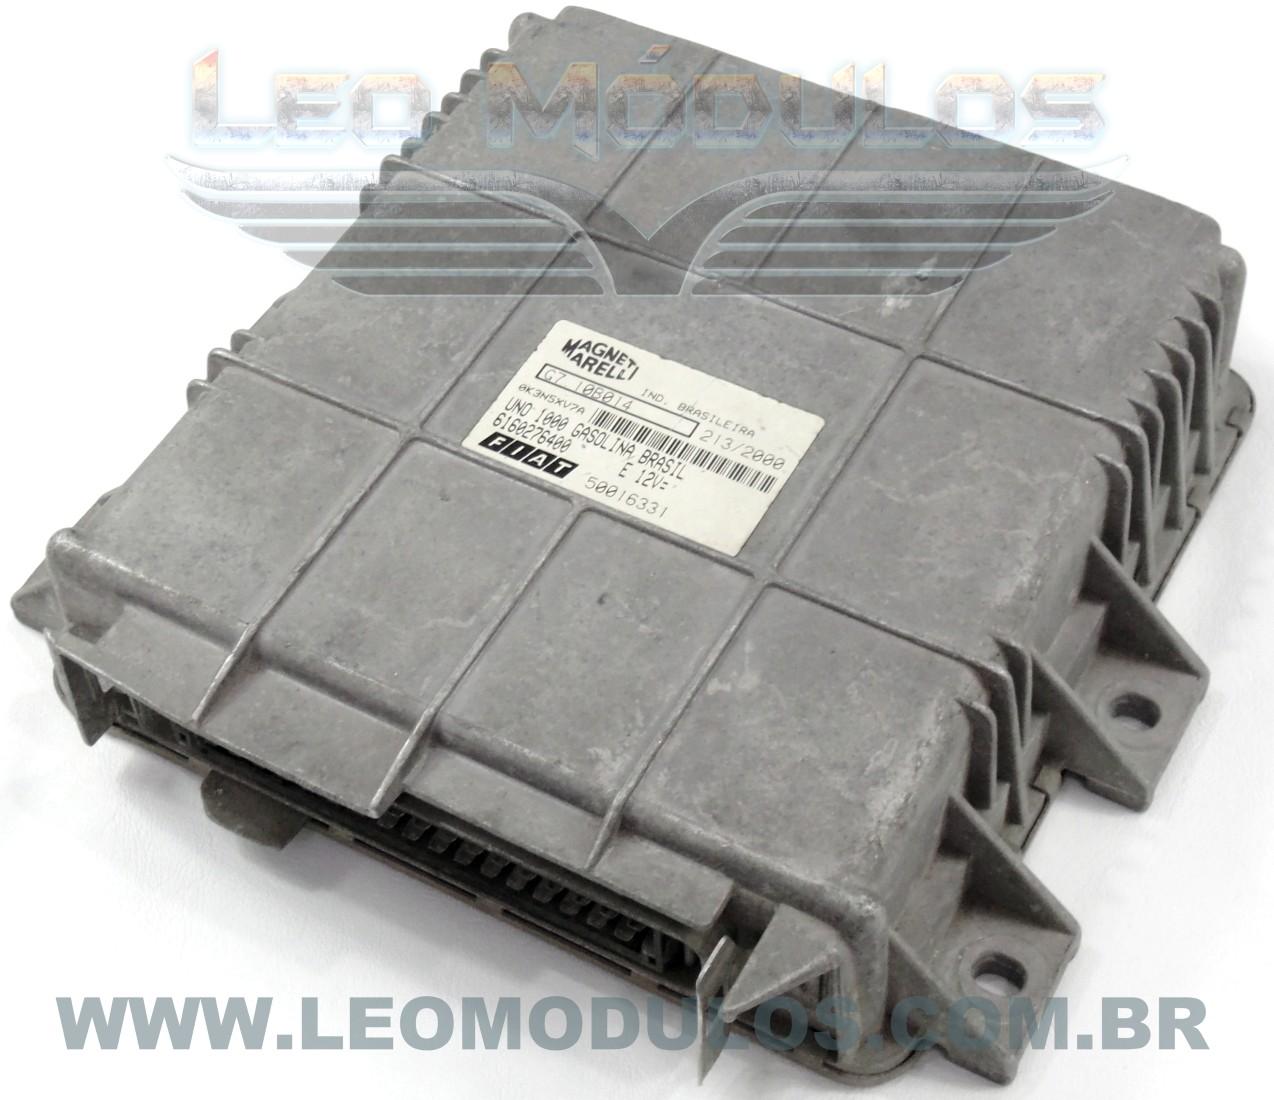 Módulo de injeção marelli - G7.10B014 - 6160276400 - Fiat Uno 1.0 8V Gasolina - G710B014 - Leo Módulos